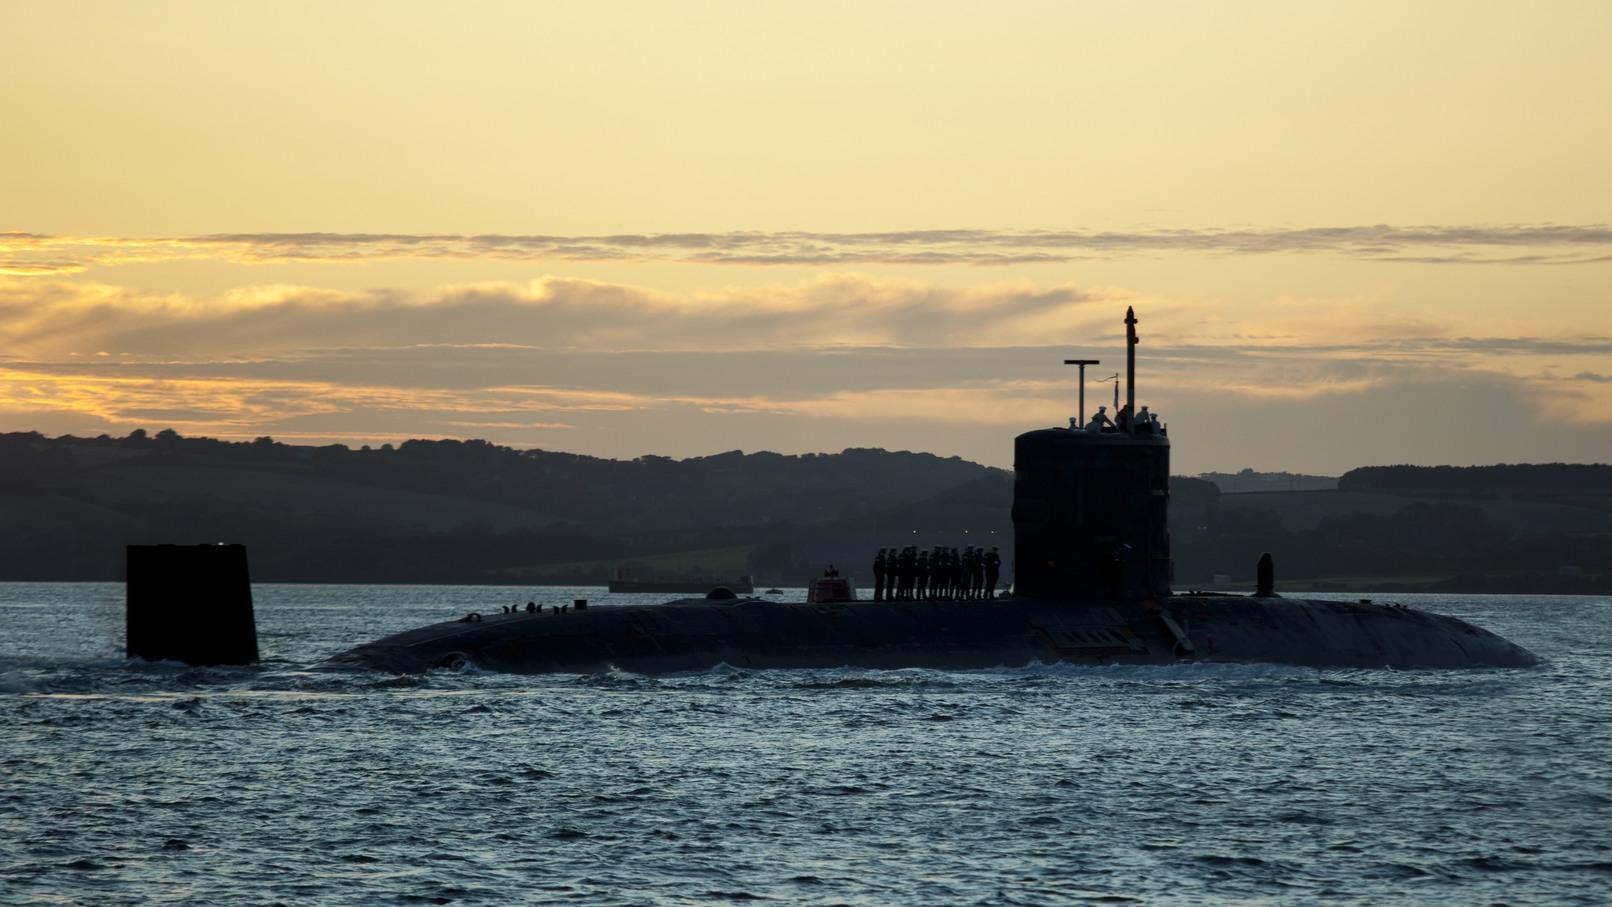 三叉戟核潛艇(圖片來源:iStock)。